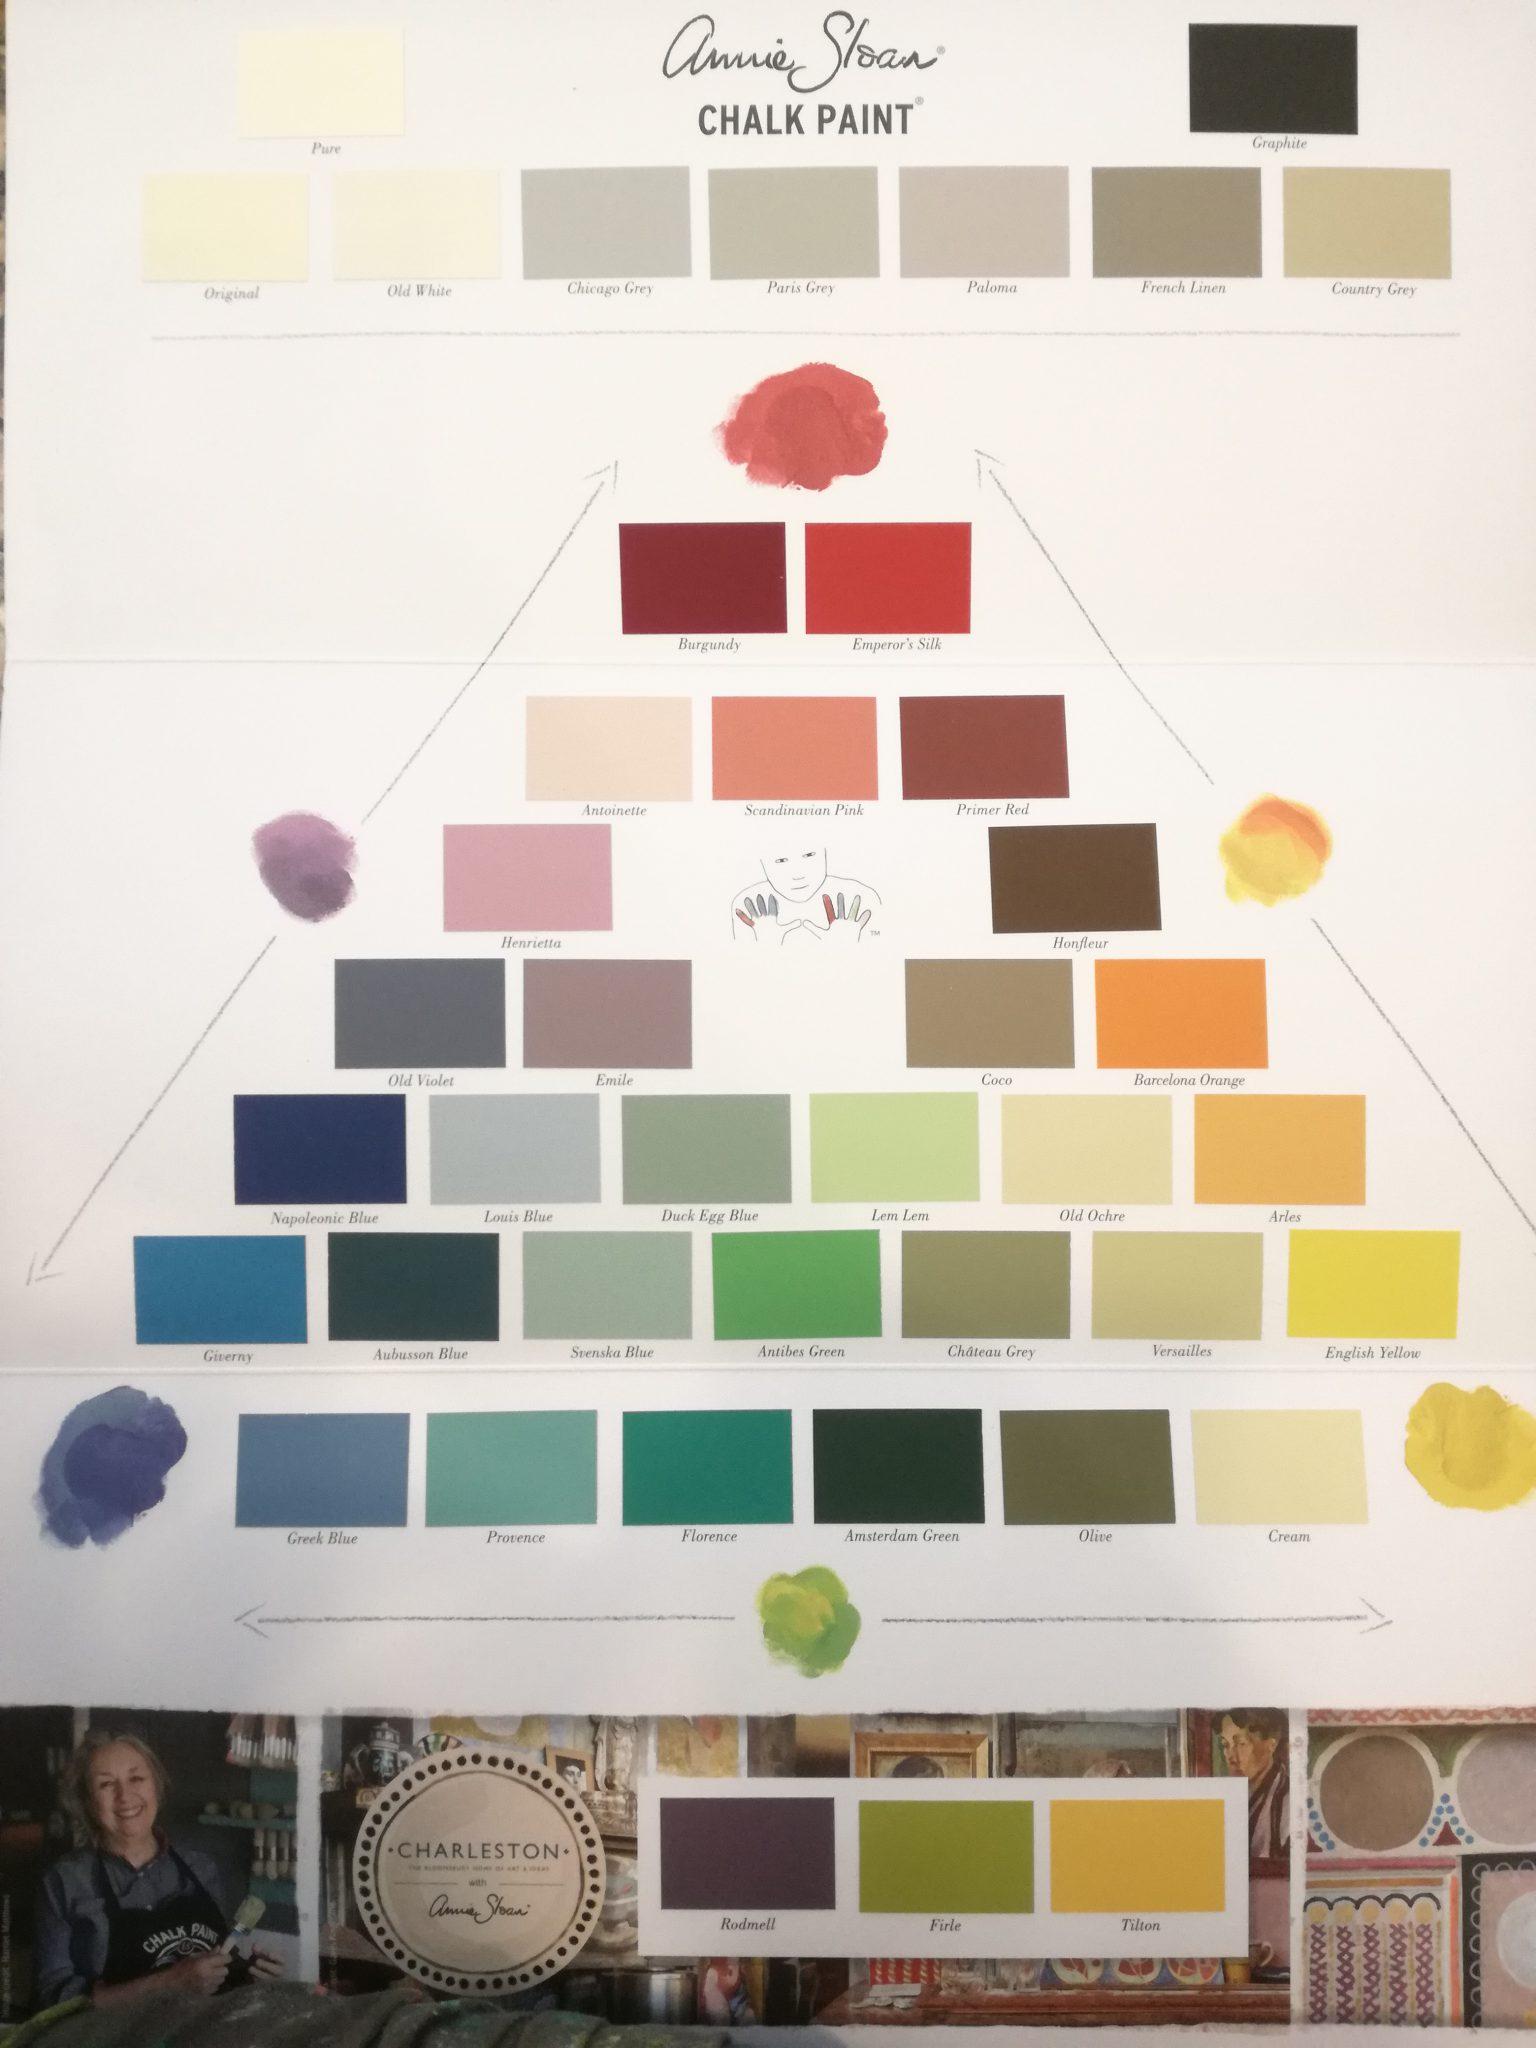 Chalkpaint Annie Sloan - Schwägerlwirtschaft